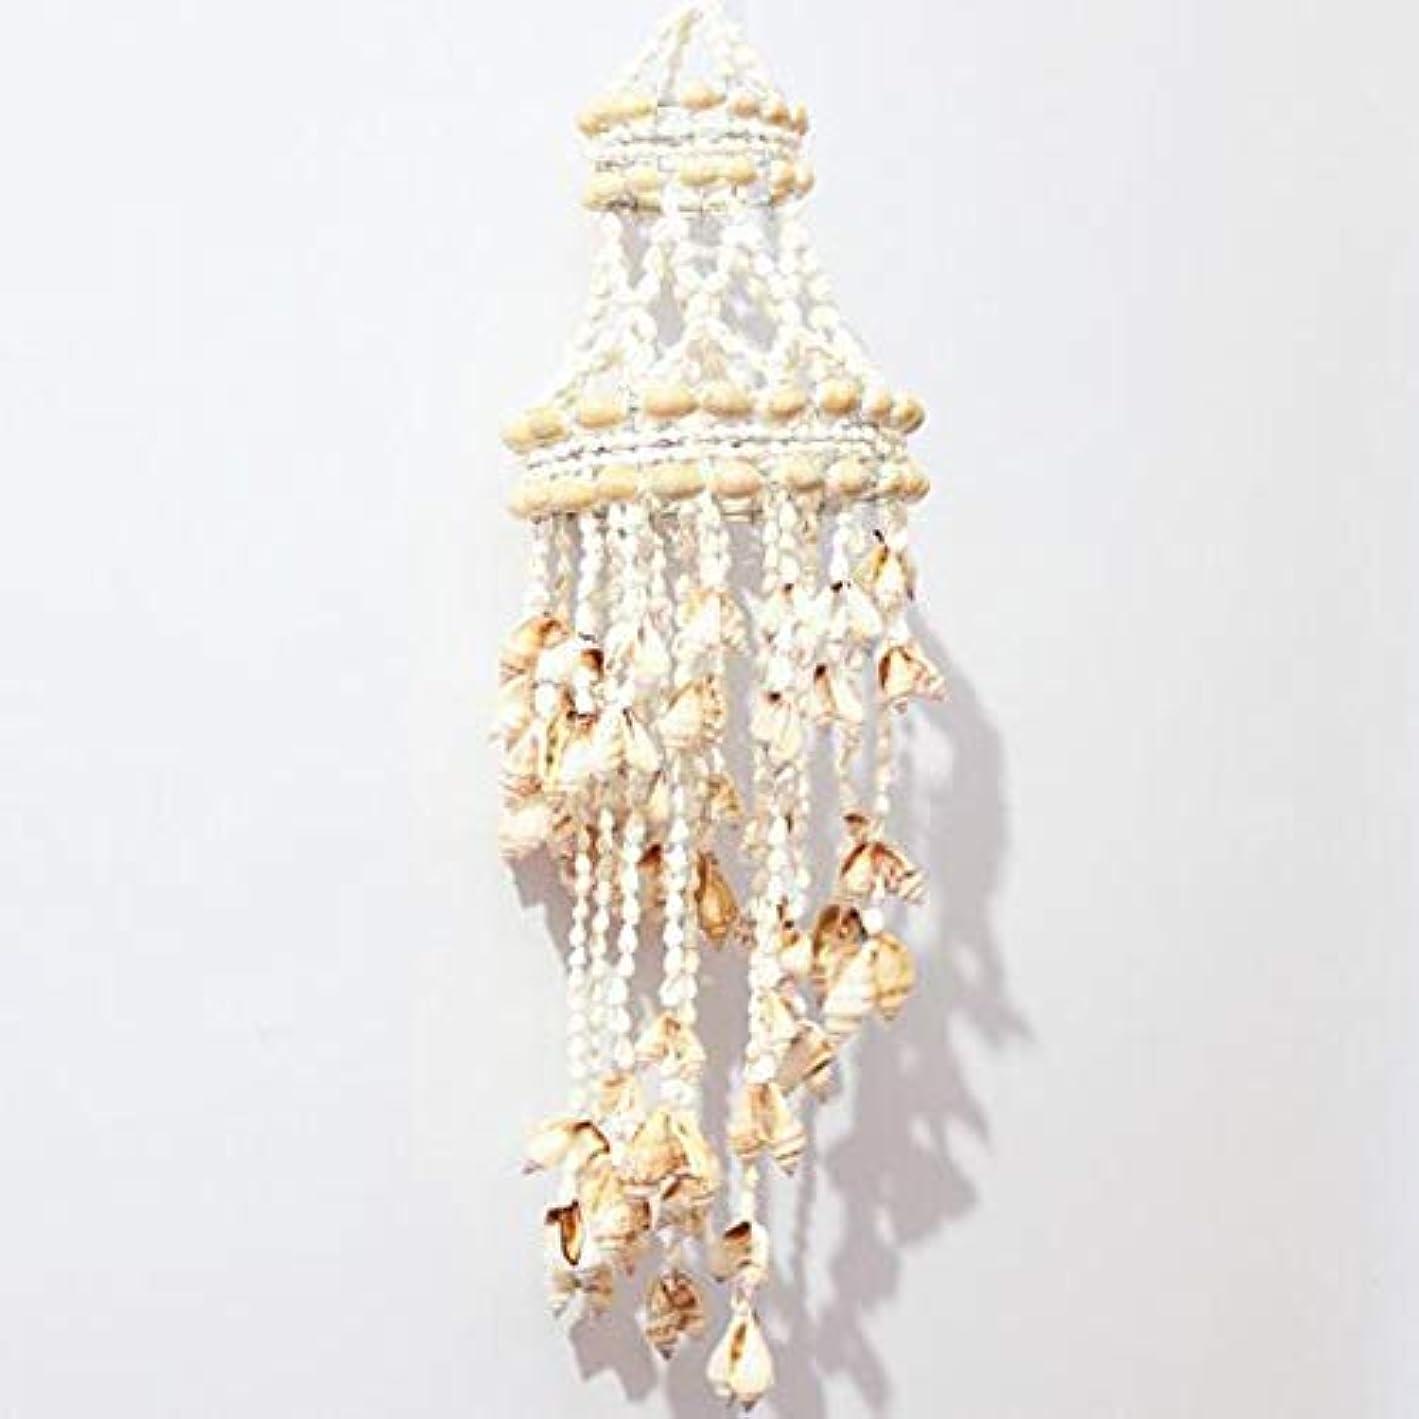 八百屋敵意情熱的Yougou01 風チャイム、ナチュラル手作りシェル風の鐘、ホワイト、約長さ50cm 、創造的な装飾 (Color : A)